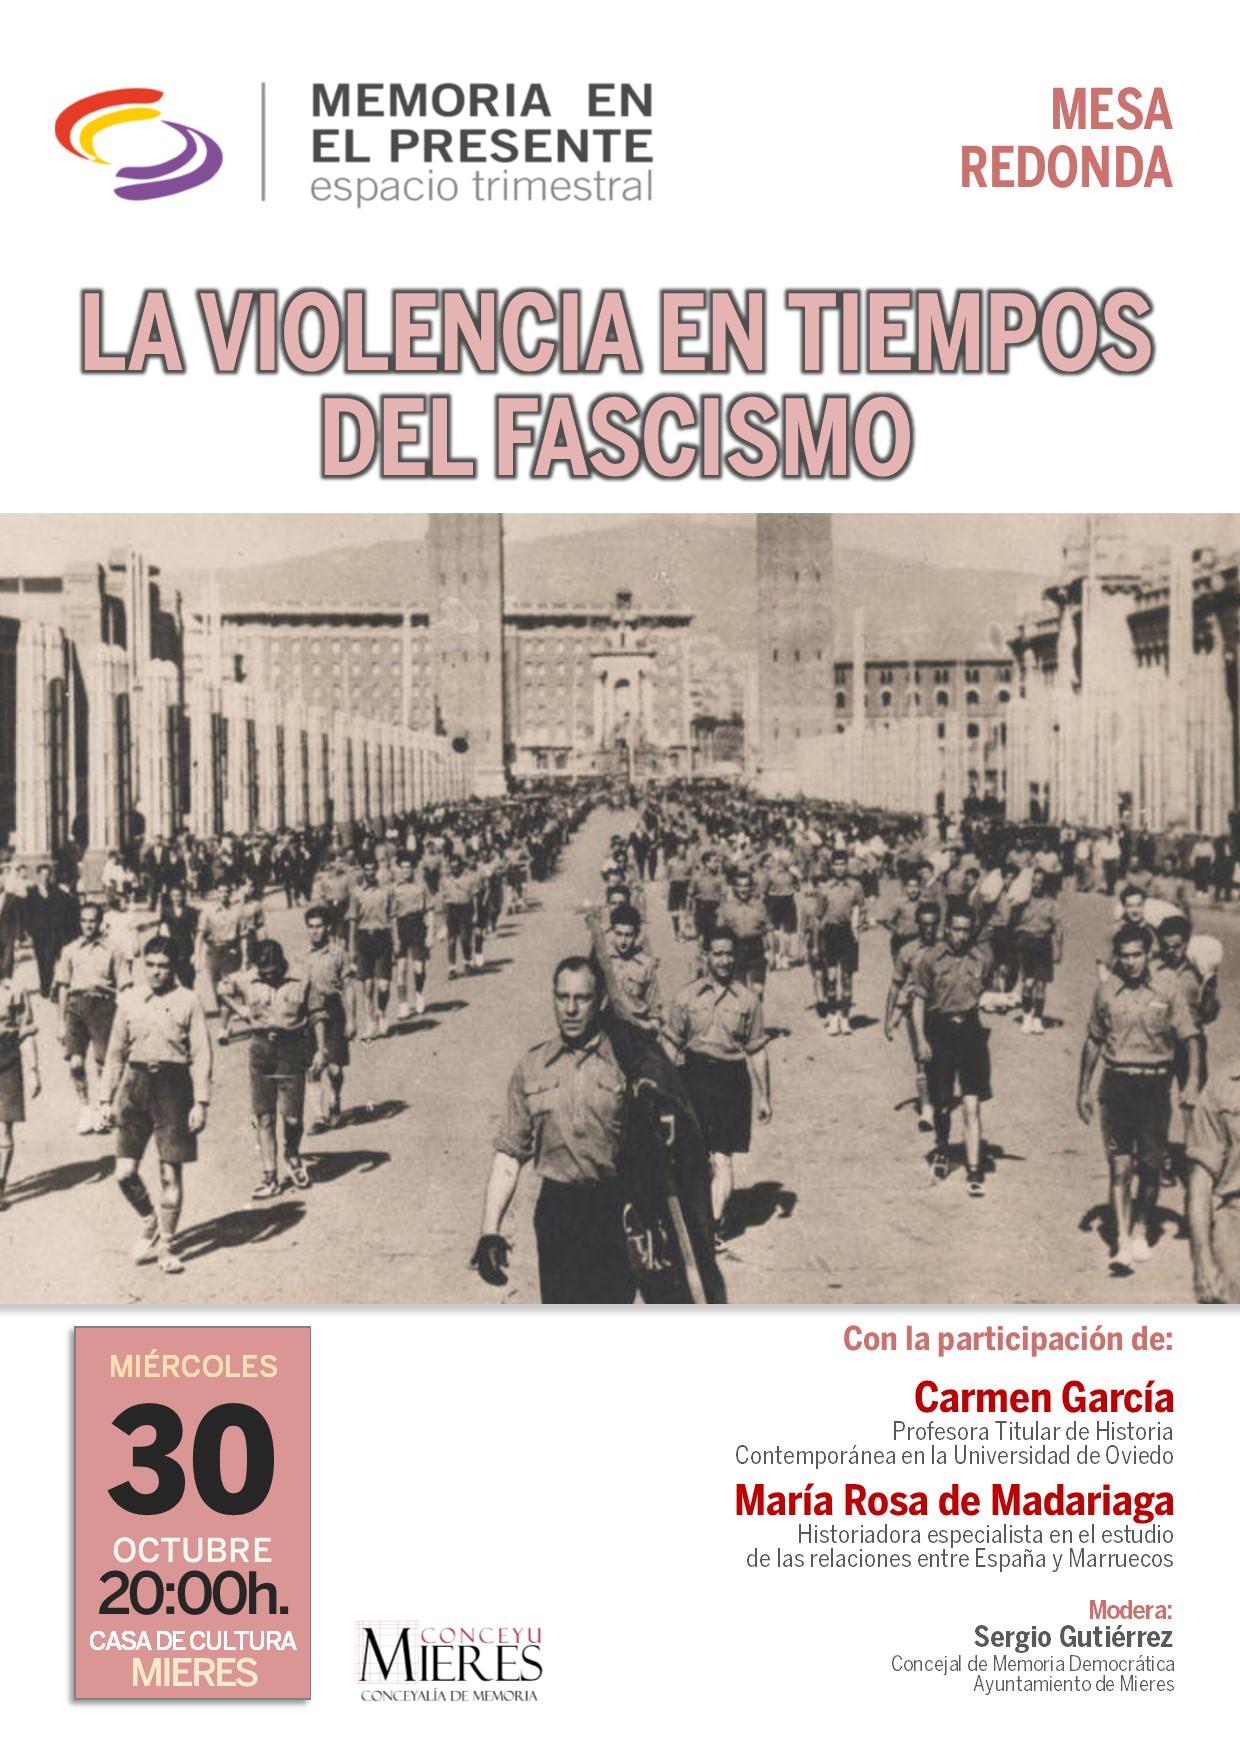 MEMORIA EN EL PRESENTE La Violencia En Tiempos Del Fascismo OCT19